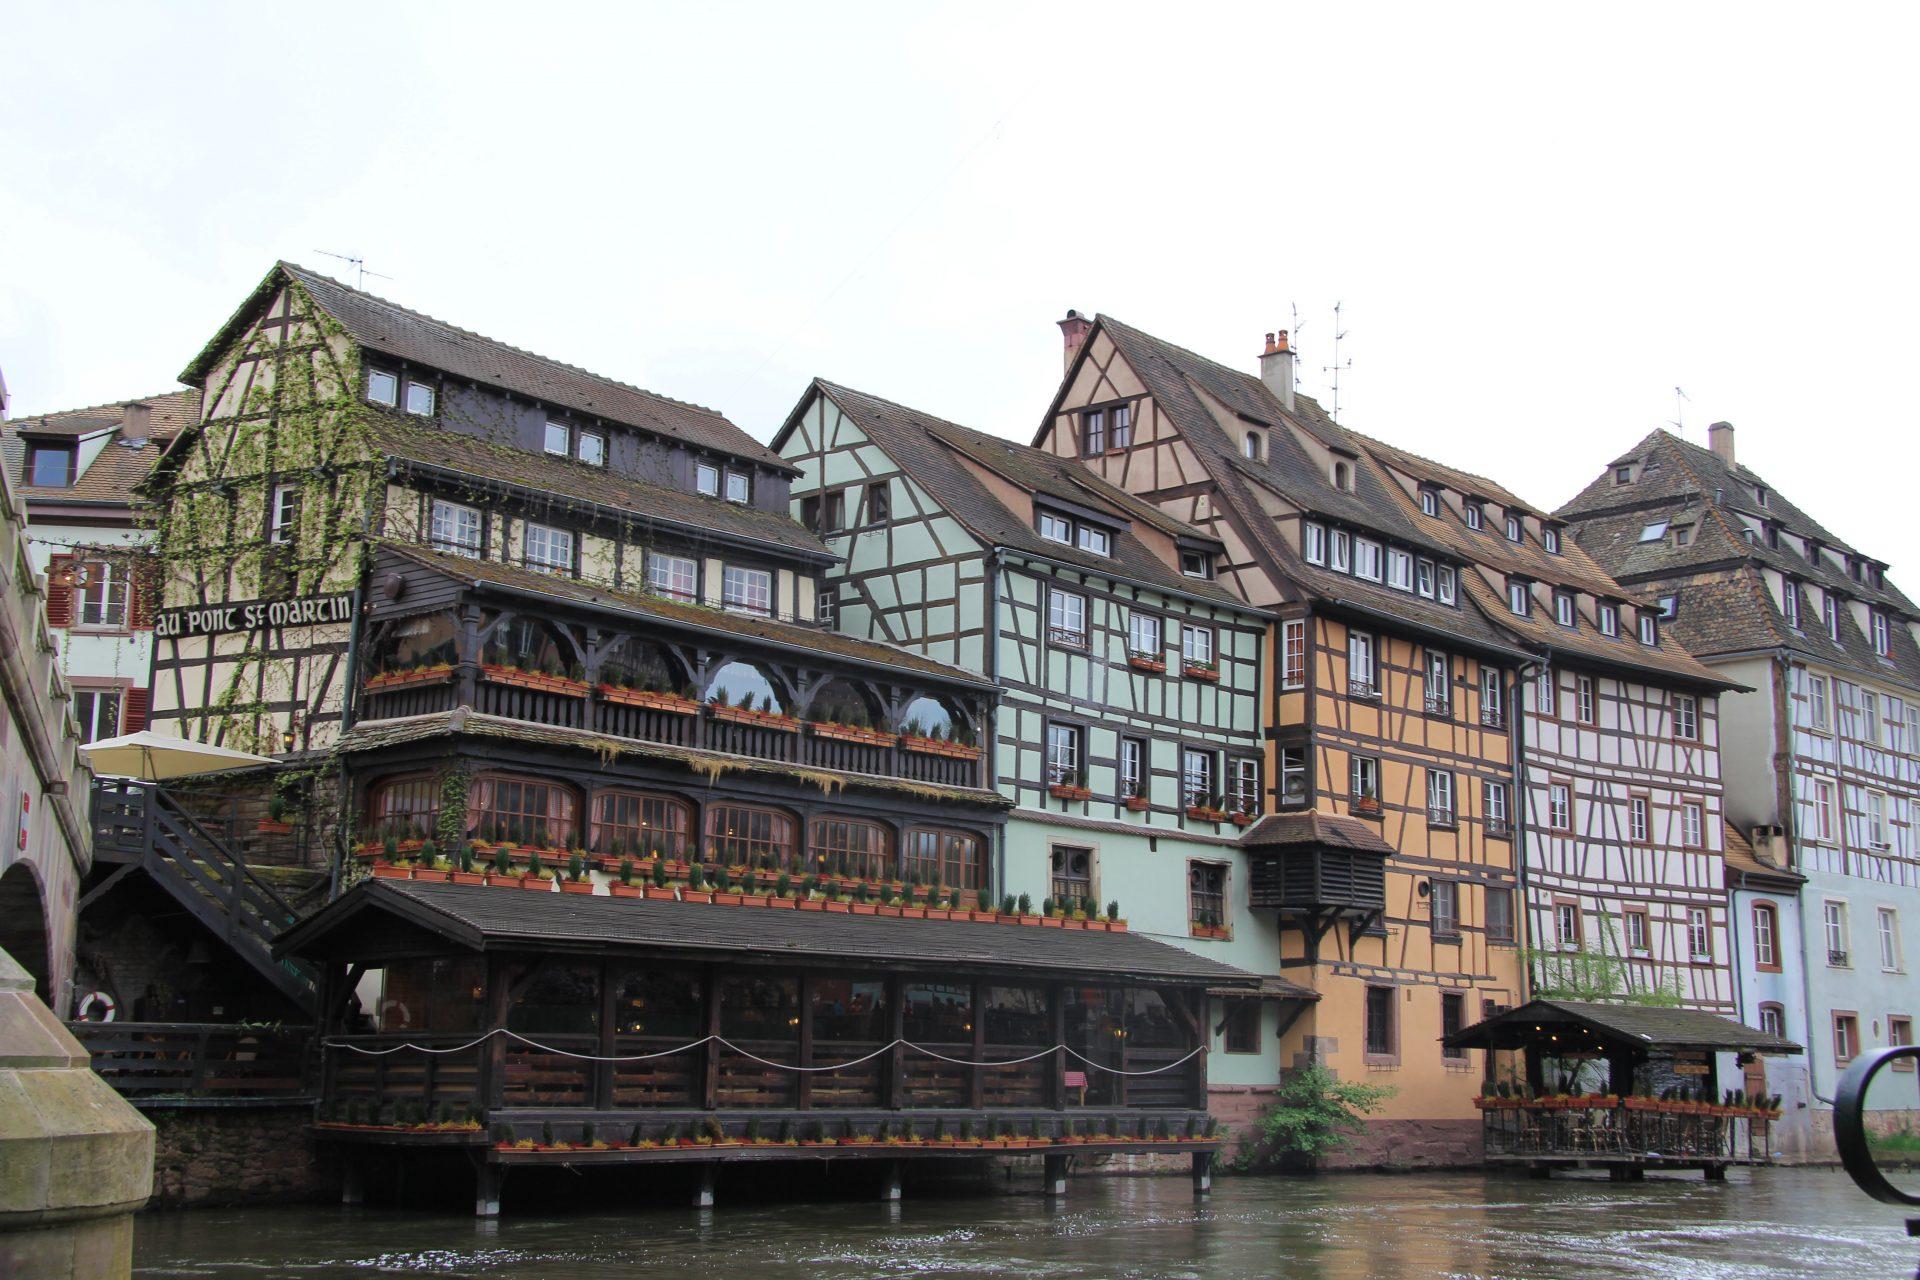 Ресторан Au Pont Saint Martin, квартал Маленькая Франция, Страсбург, Франция. Июль, 2012